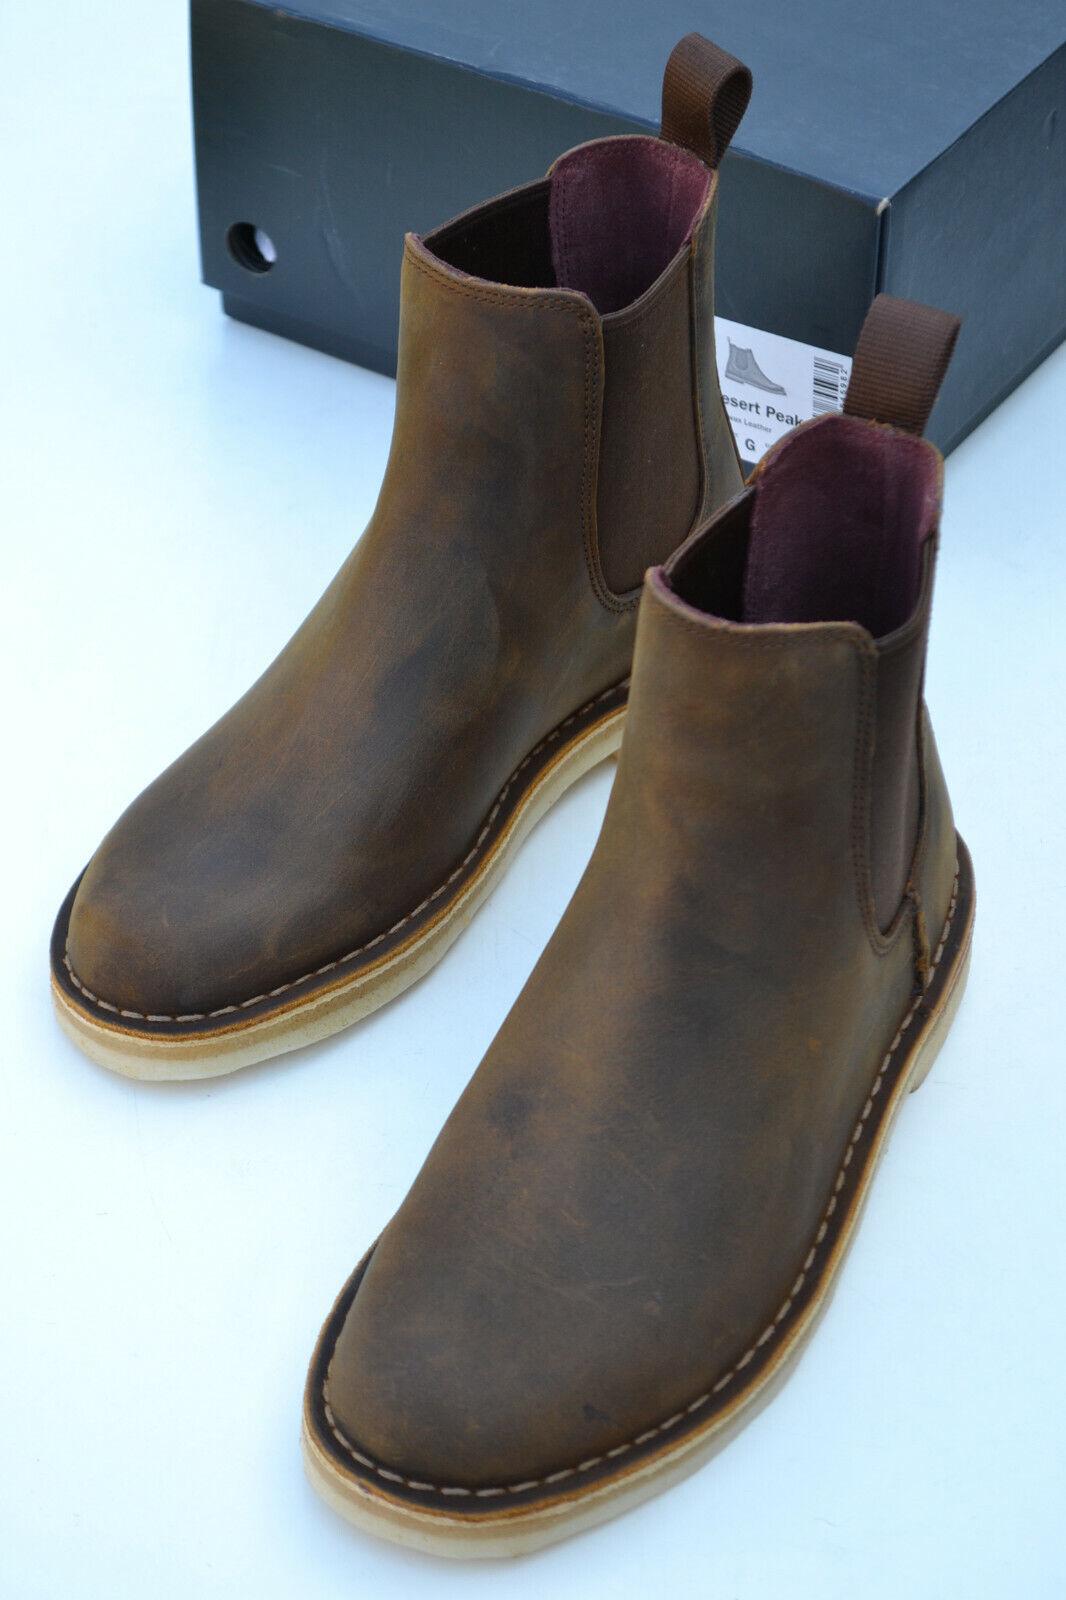 Clarks Originals BNIB Mens Chelsea Boots DESERT PEAK Beeswax UK 11 / 46